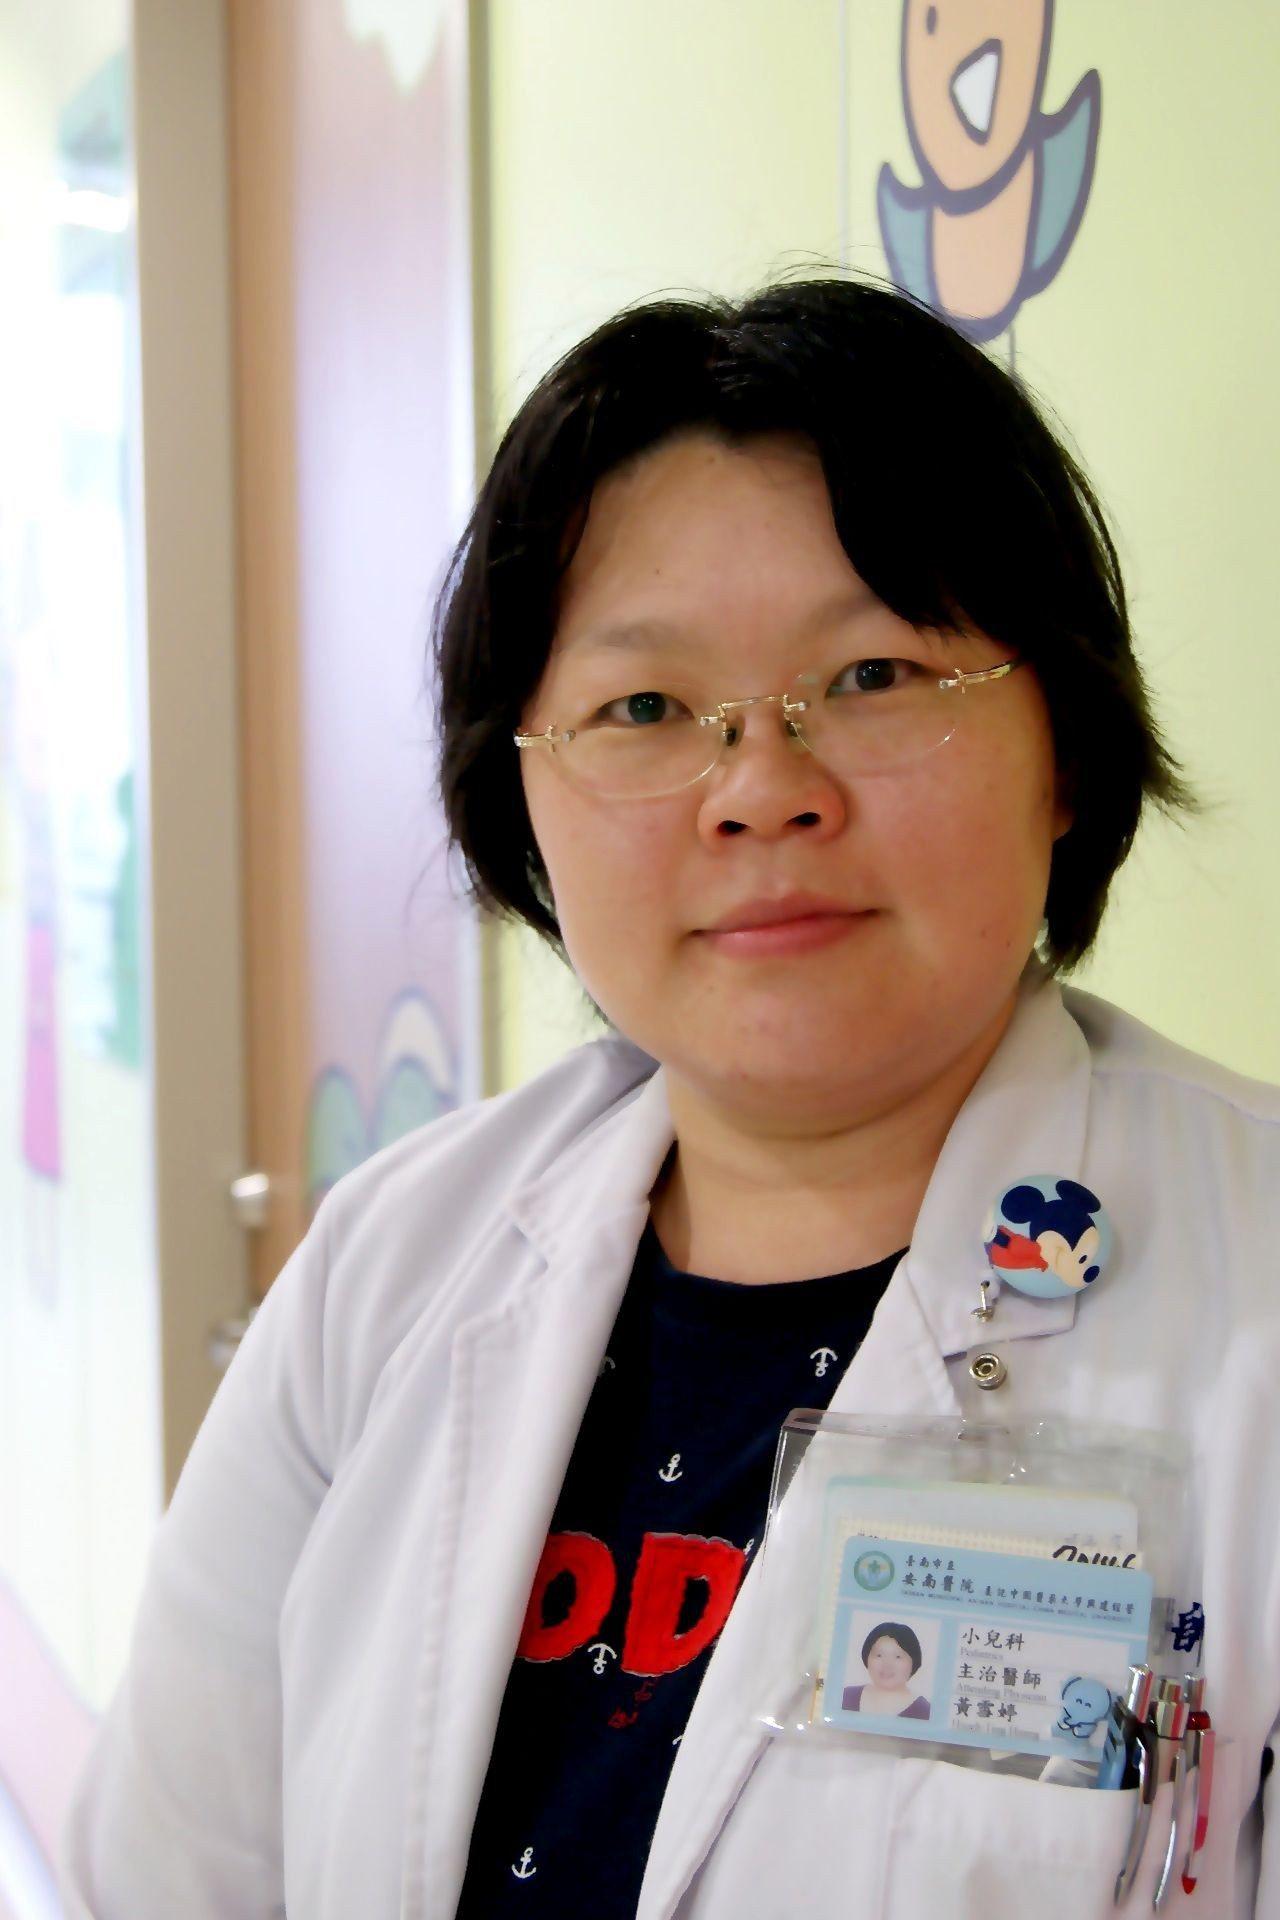 台南市立安南醫院兒童發展聯合評估中心主任黃雪婷醫師。圖/醫院提供